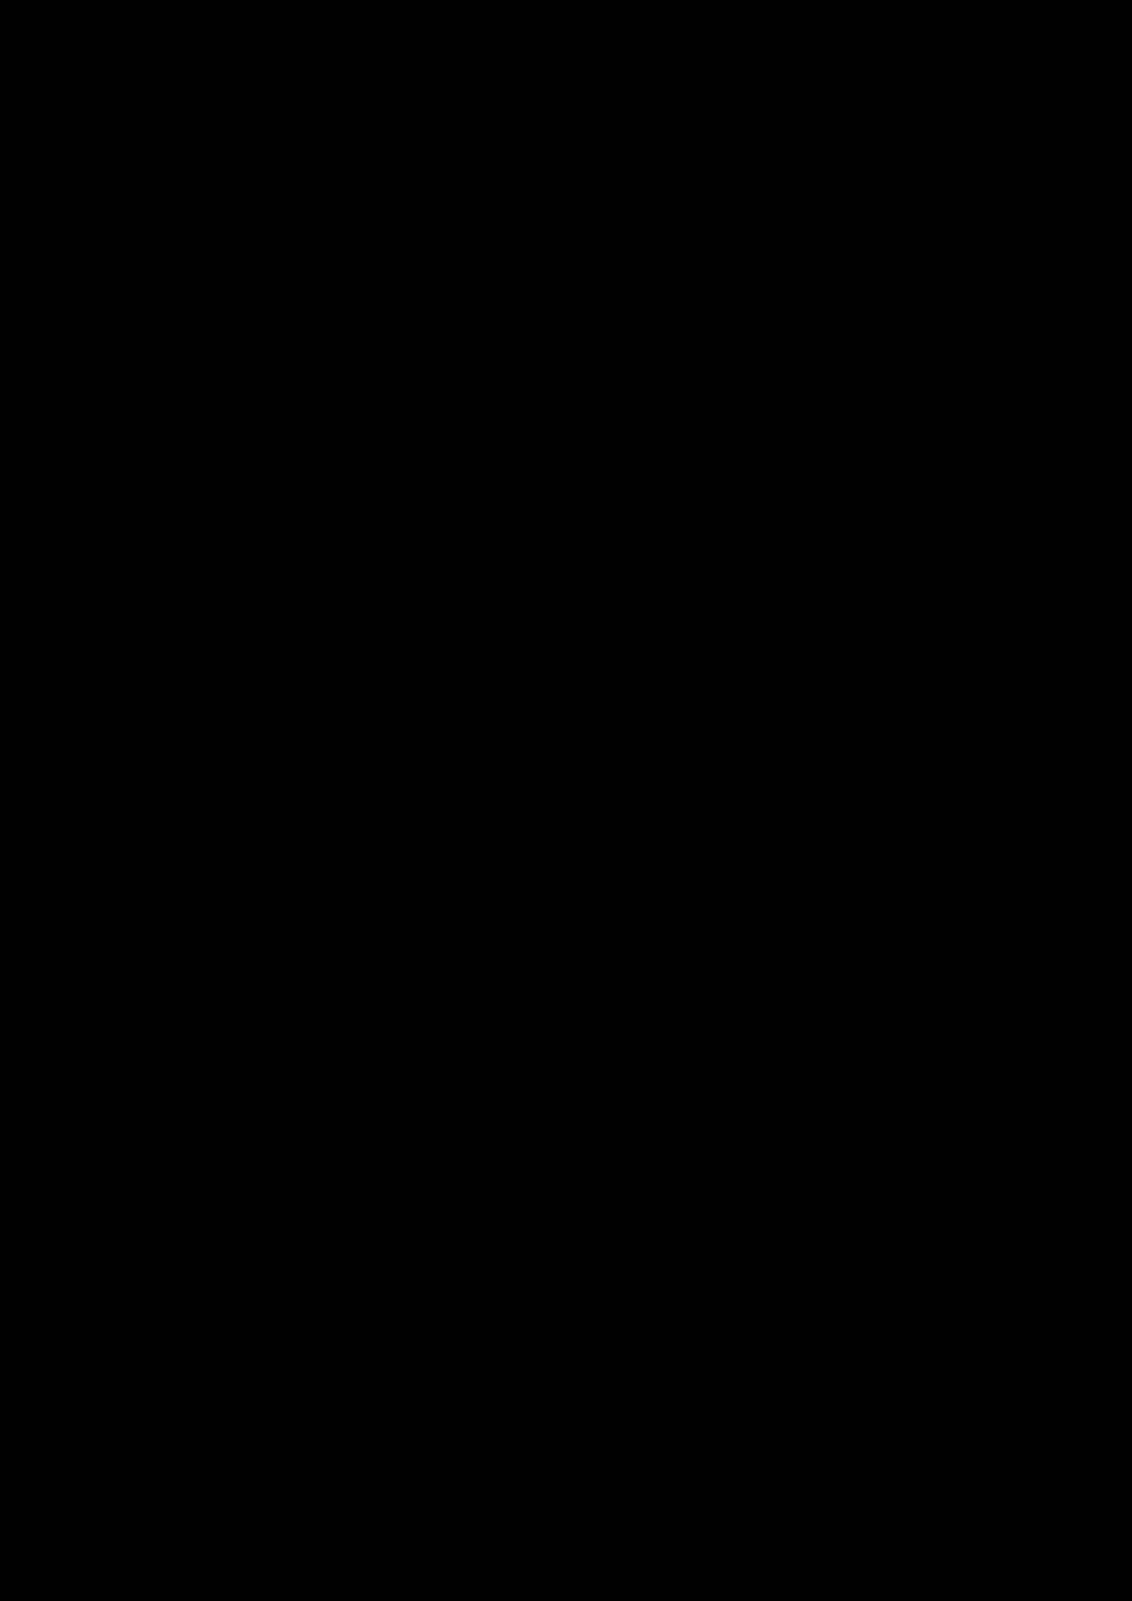 Zagadka volshebnoy stranyi slide, Image 158